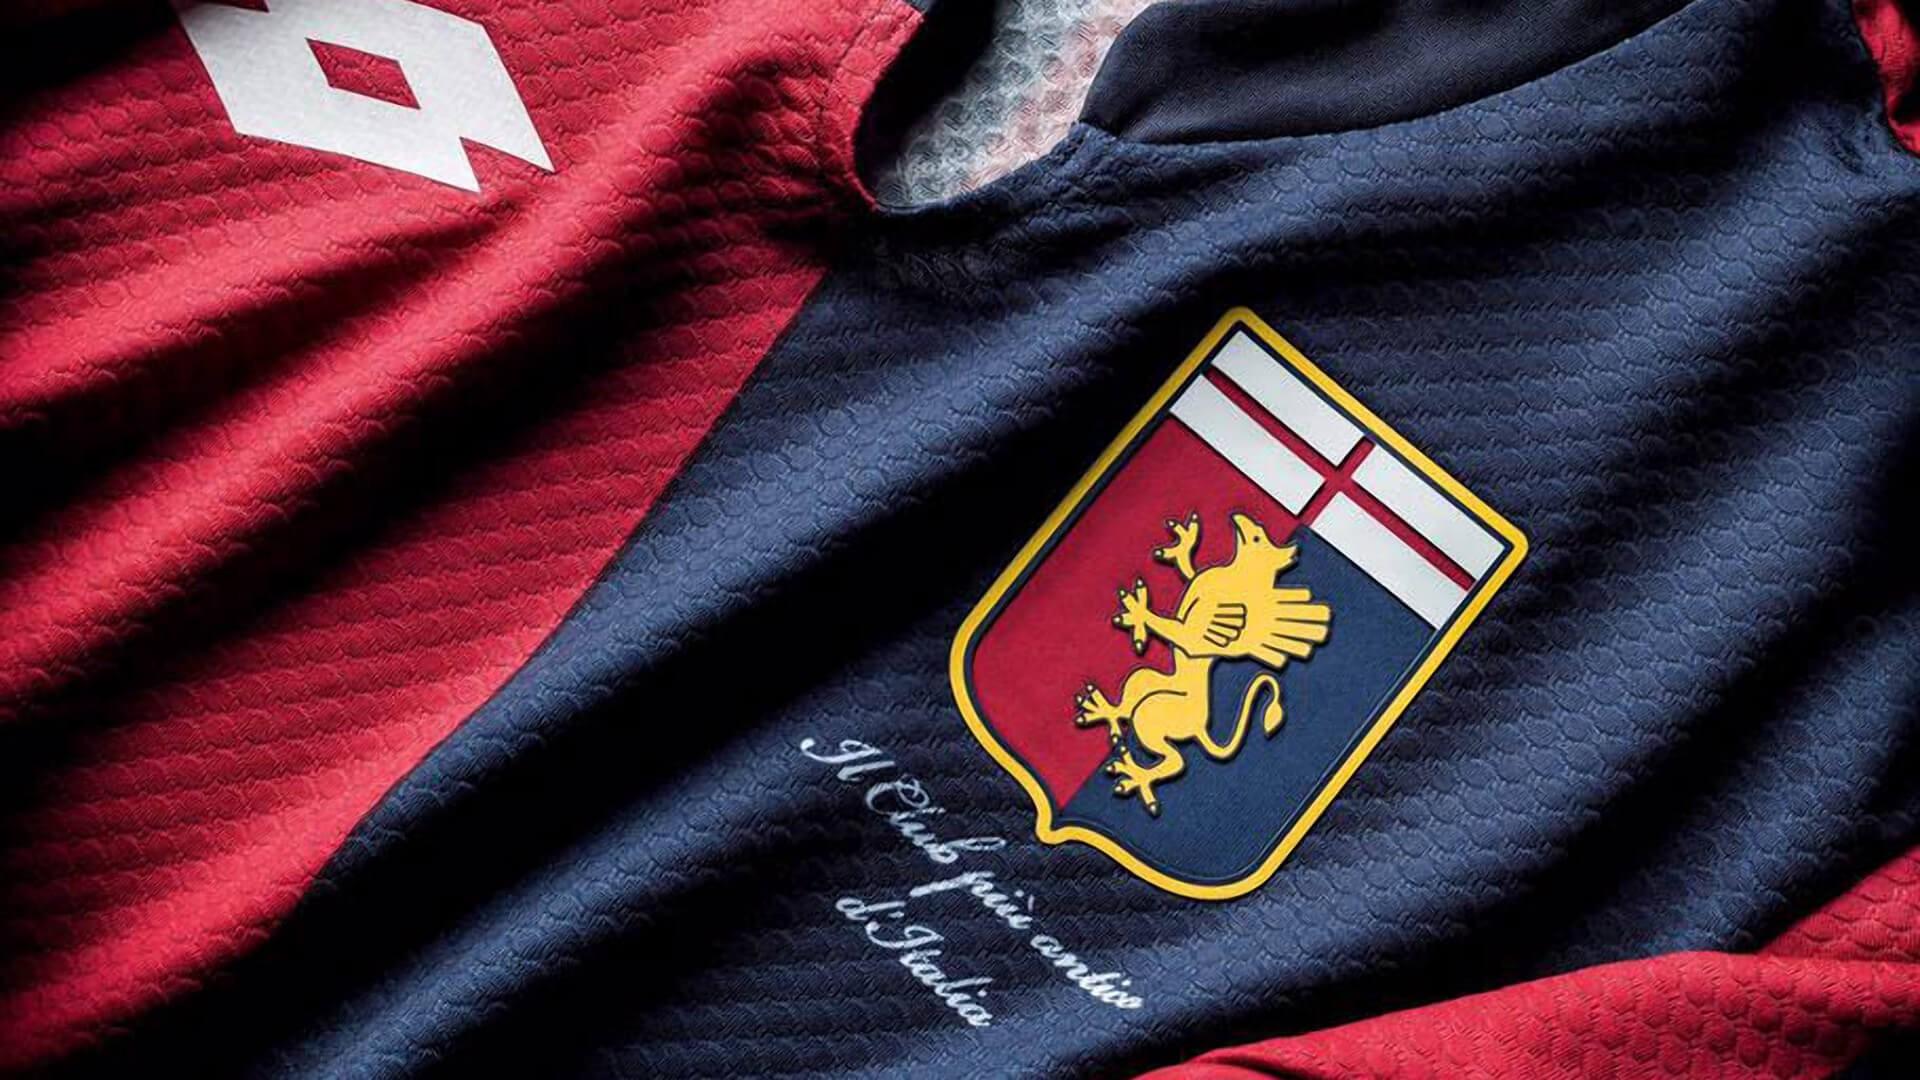 Le strade della Serie A 2021-22: Genoa - Salernitana Live